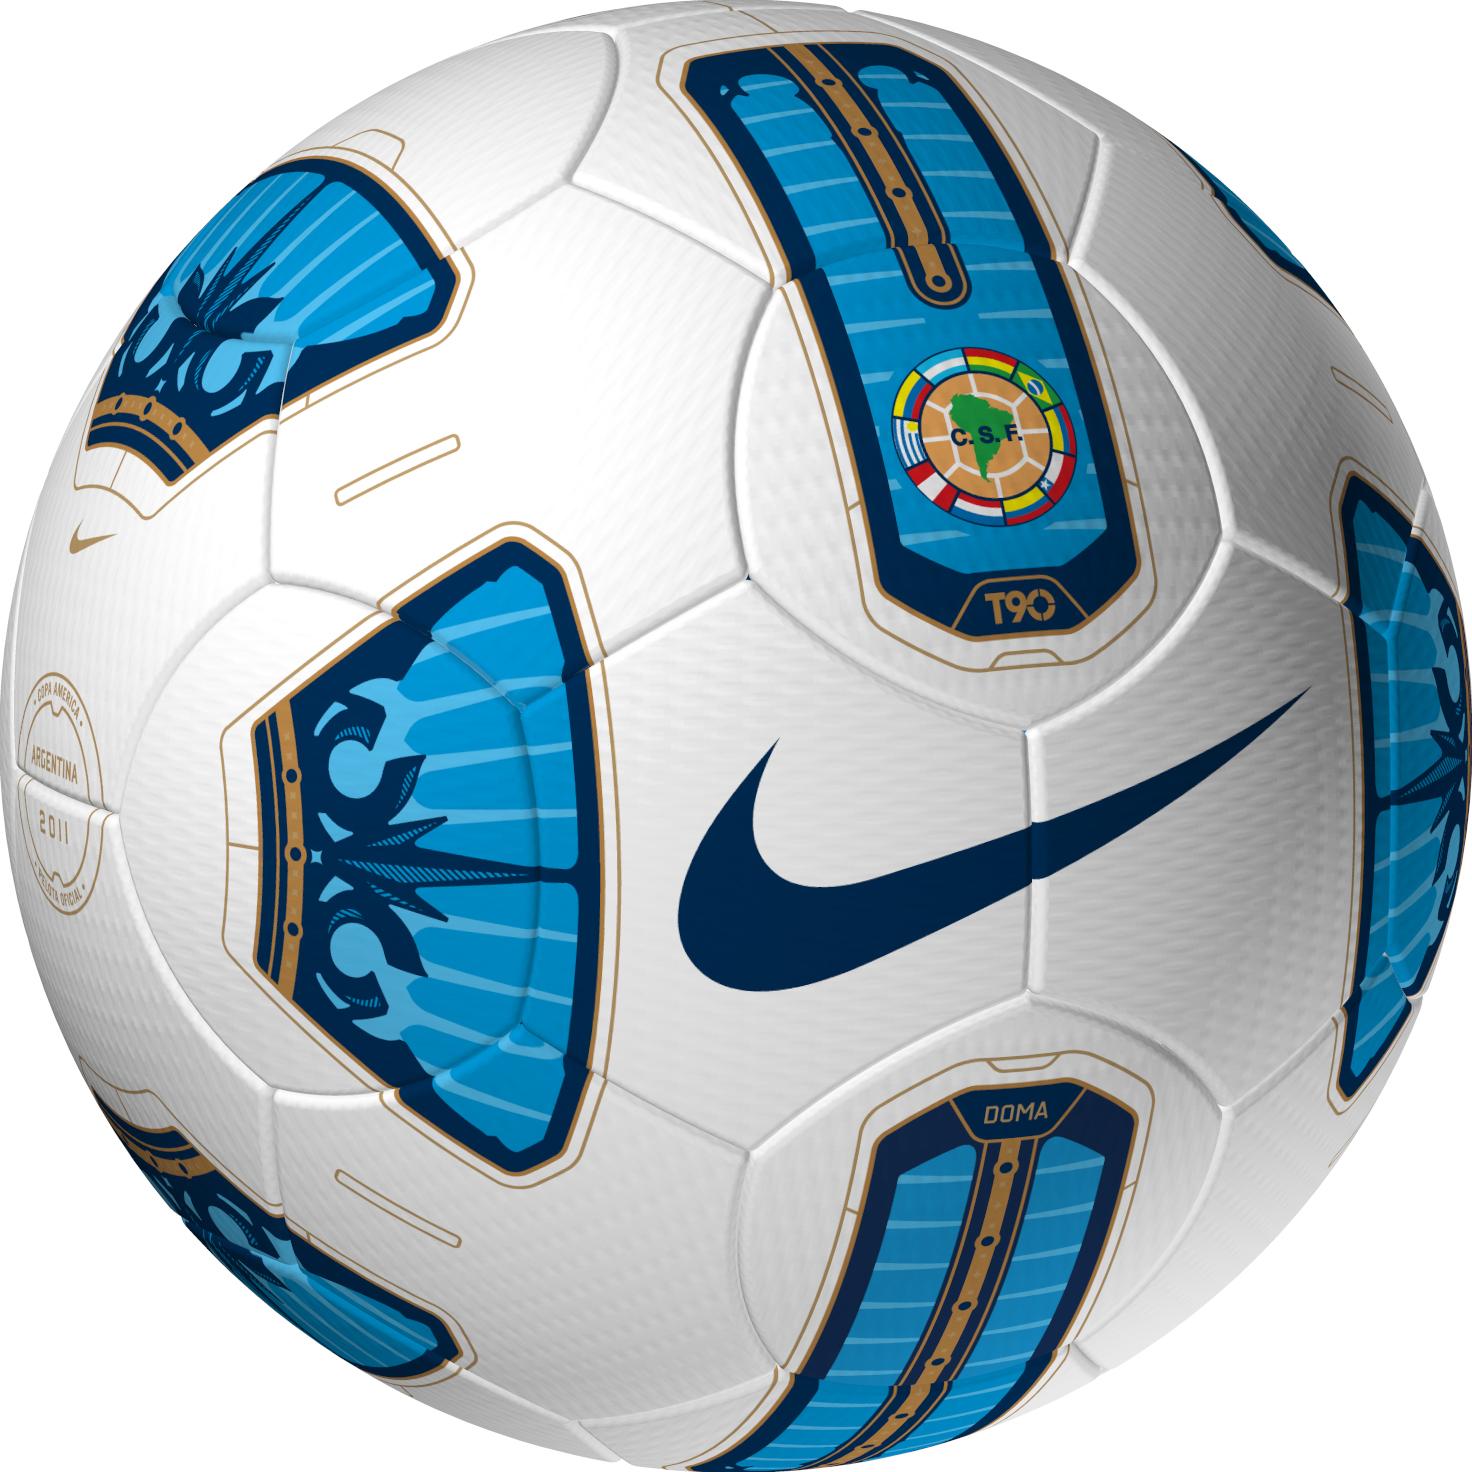 Imagenes De Balones De Futbol Del America - Los 7 Balones con los que se ha jugado la Copa América